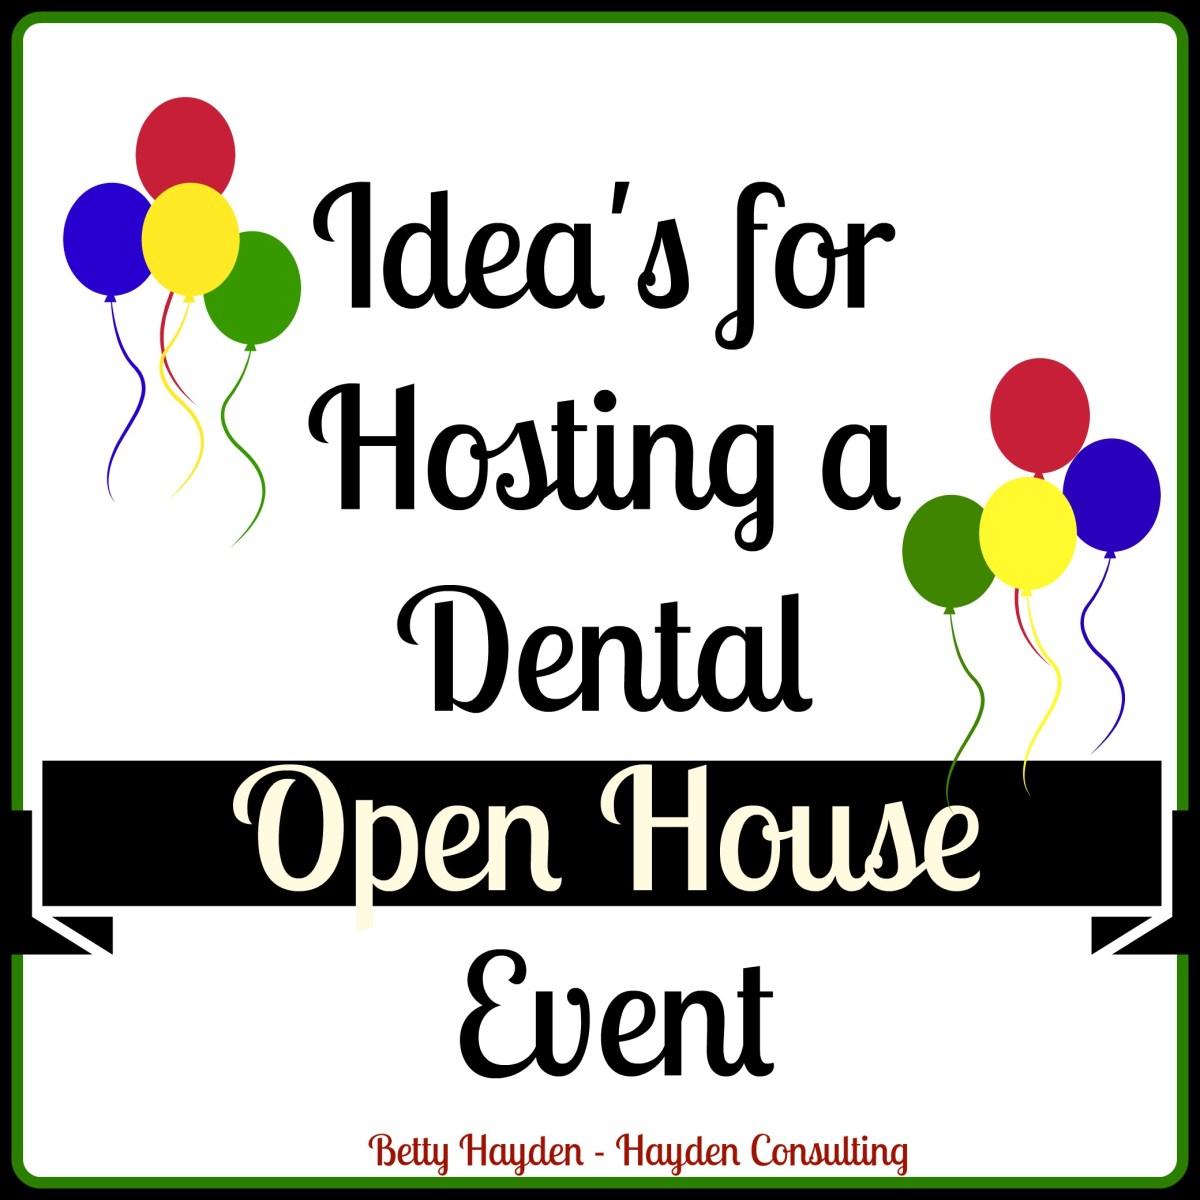 dental office marketing ideas hayden consulting